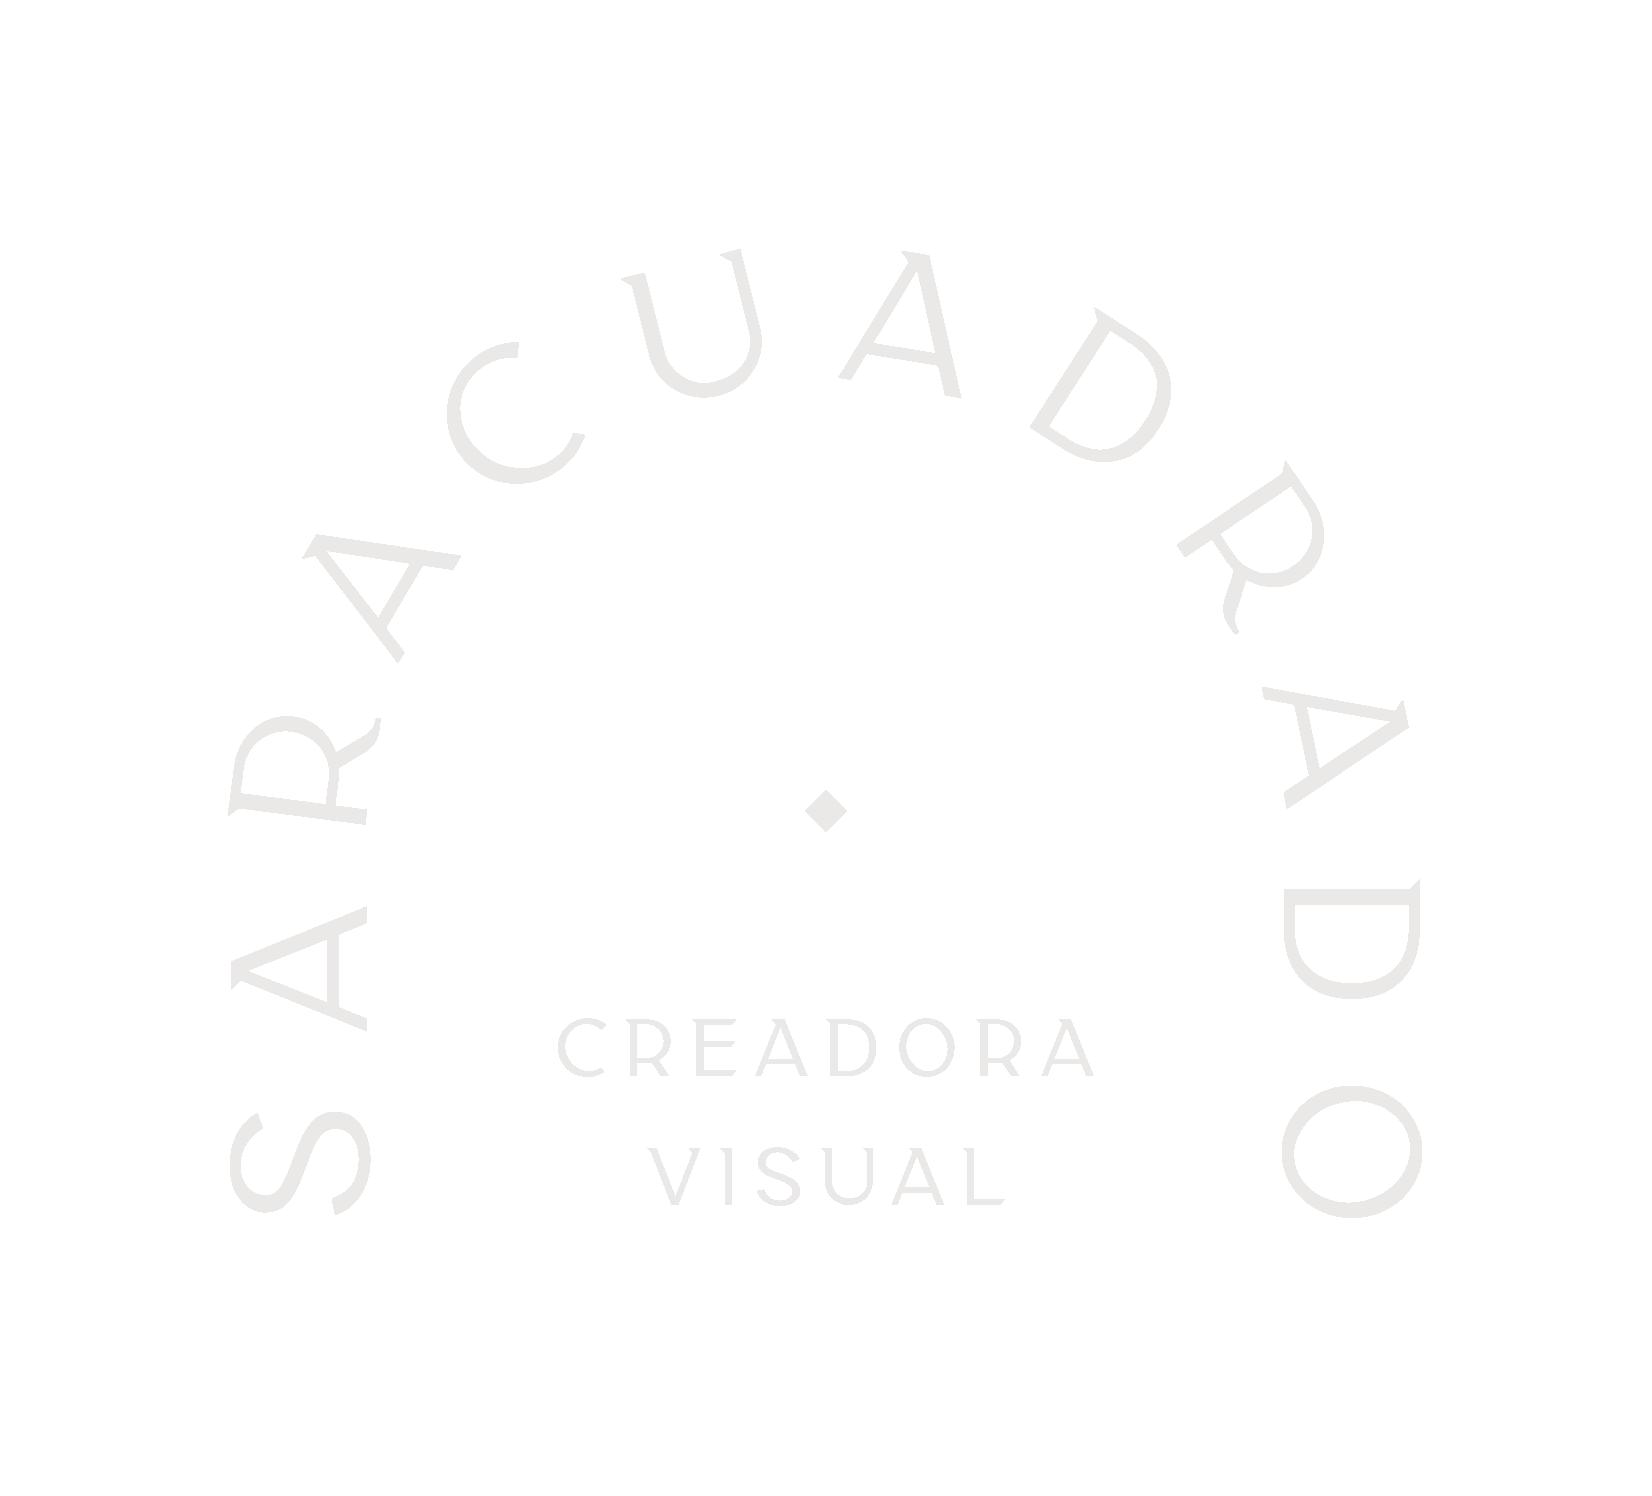 Sara Cuadrado. Love Stories